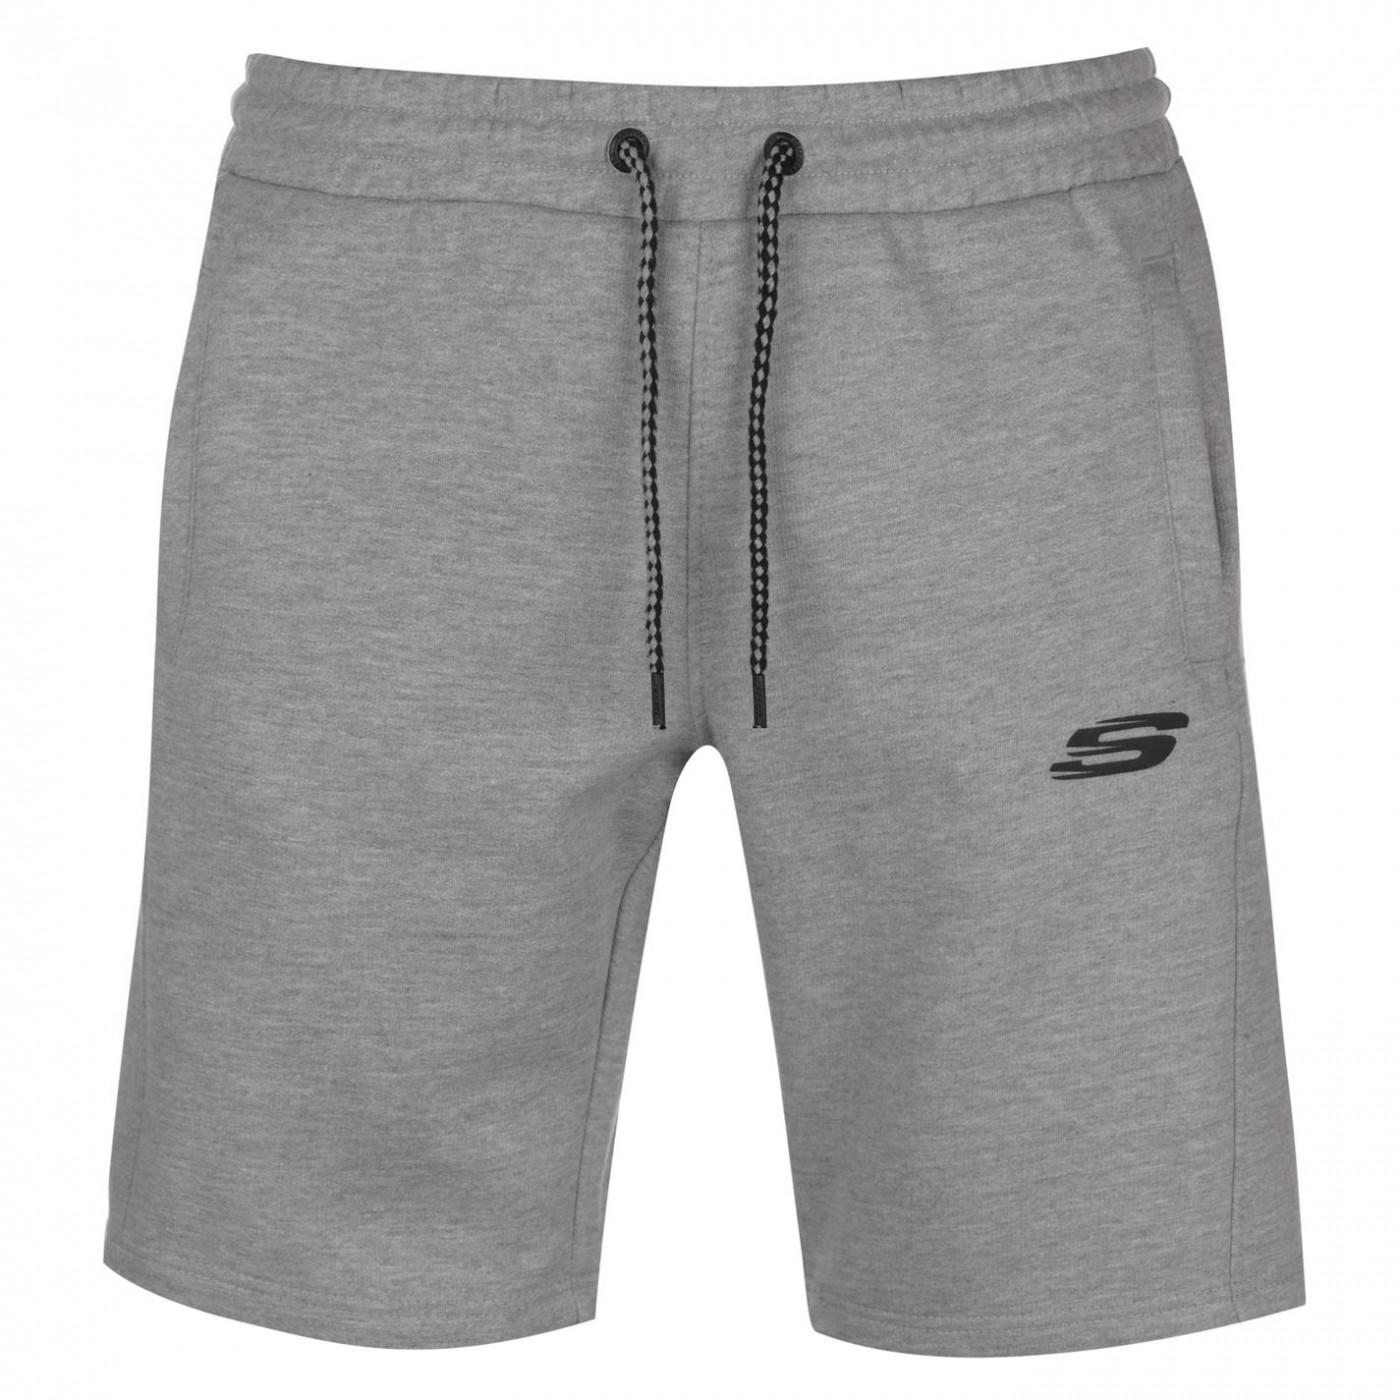 Fleece petite shorts, parent directory nude binaries